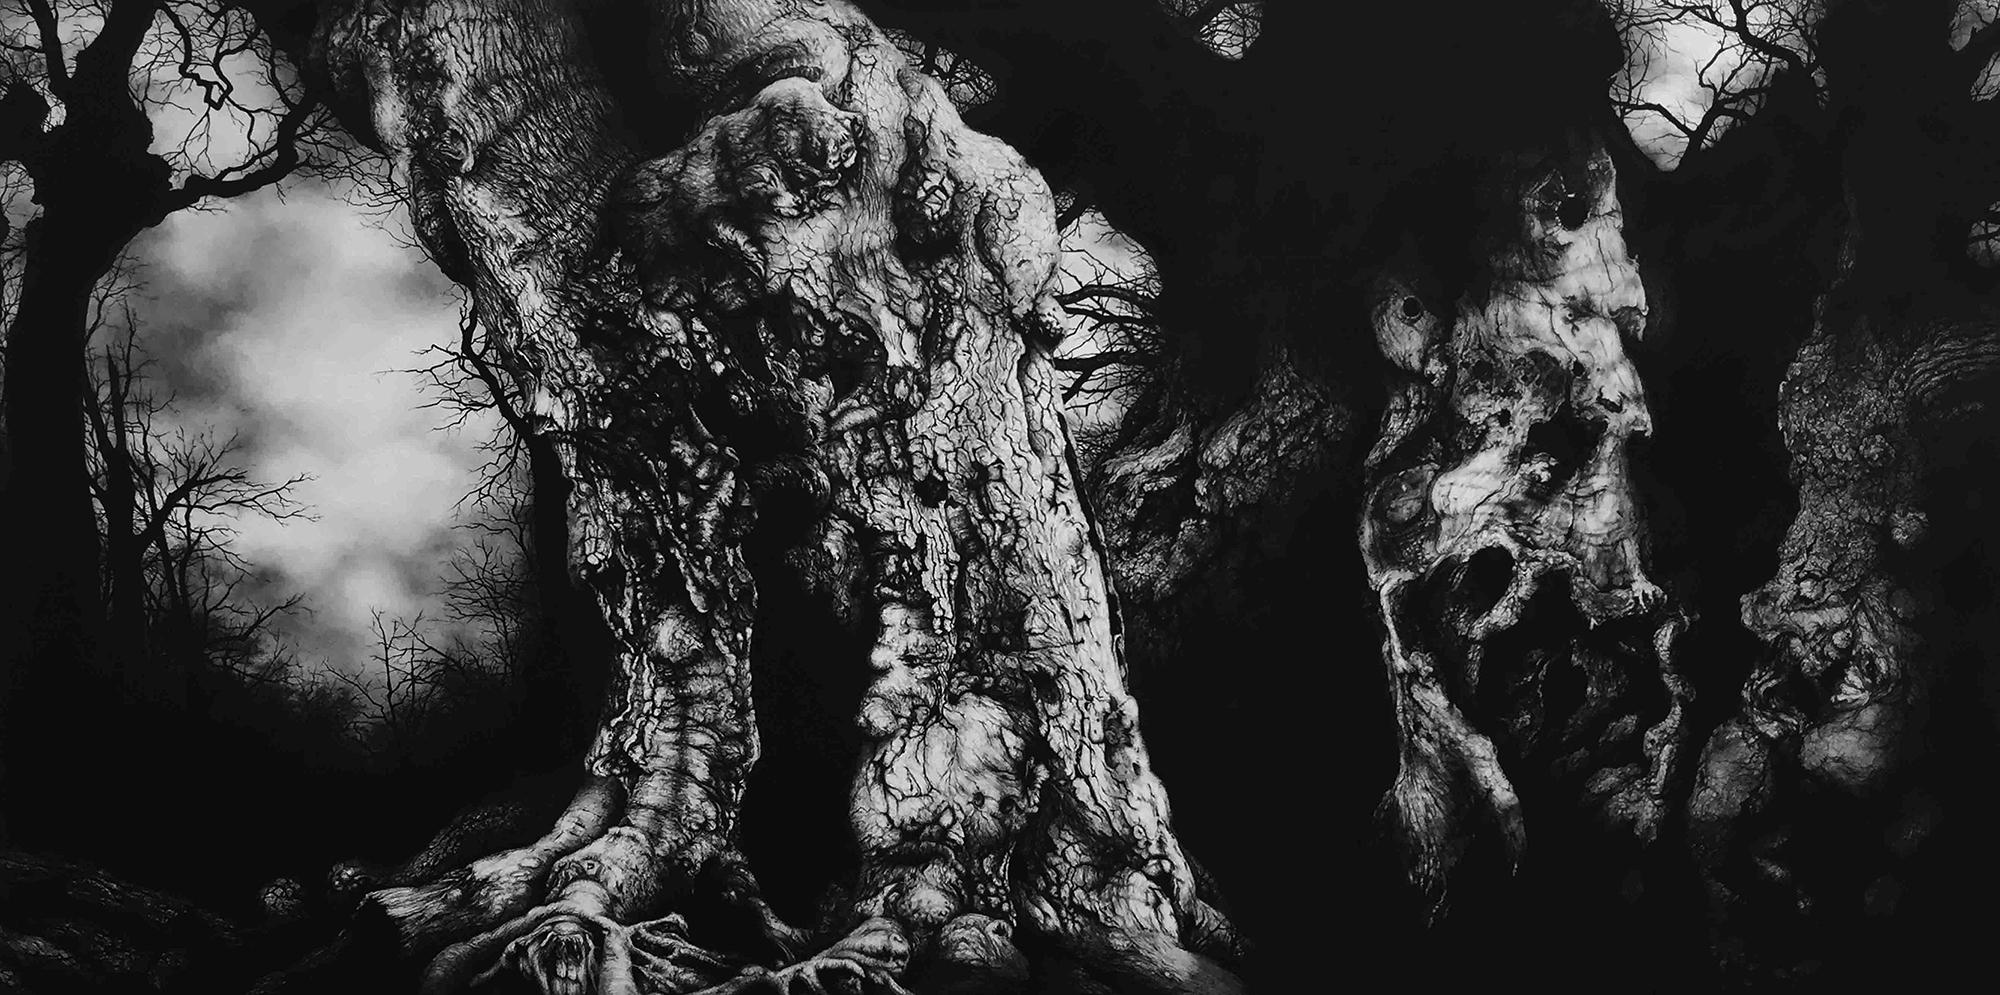 Blaze Cyan, Windsor Forest, Charcoal & Conte on Paper mounted on wood, 66cm x 126cm x 4cm,  https://www.blazecyan.com